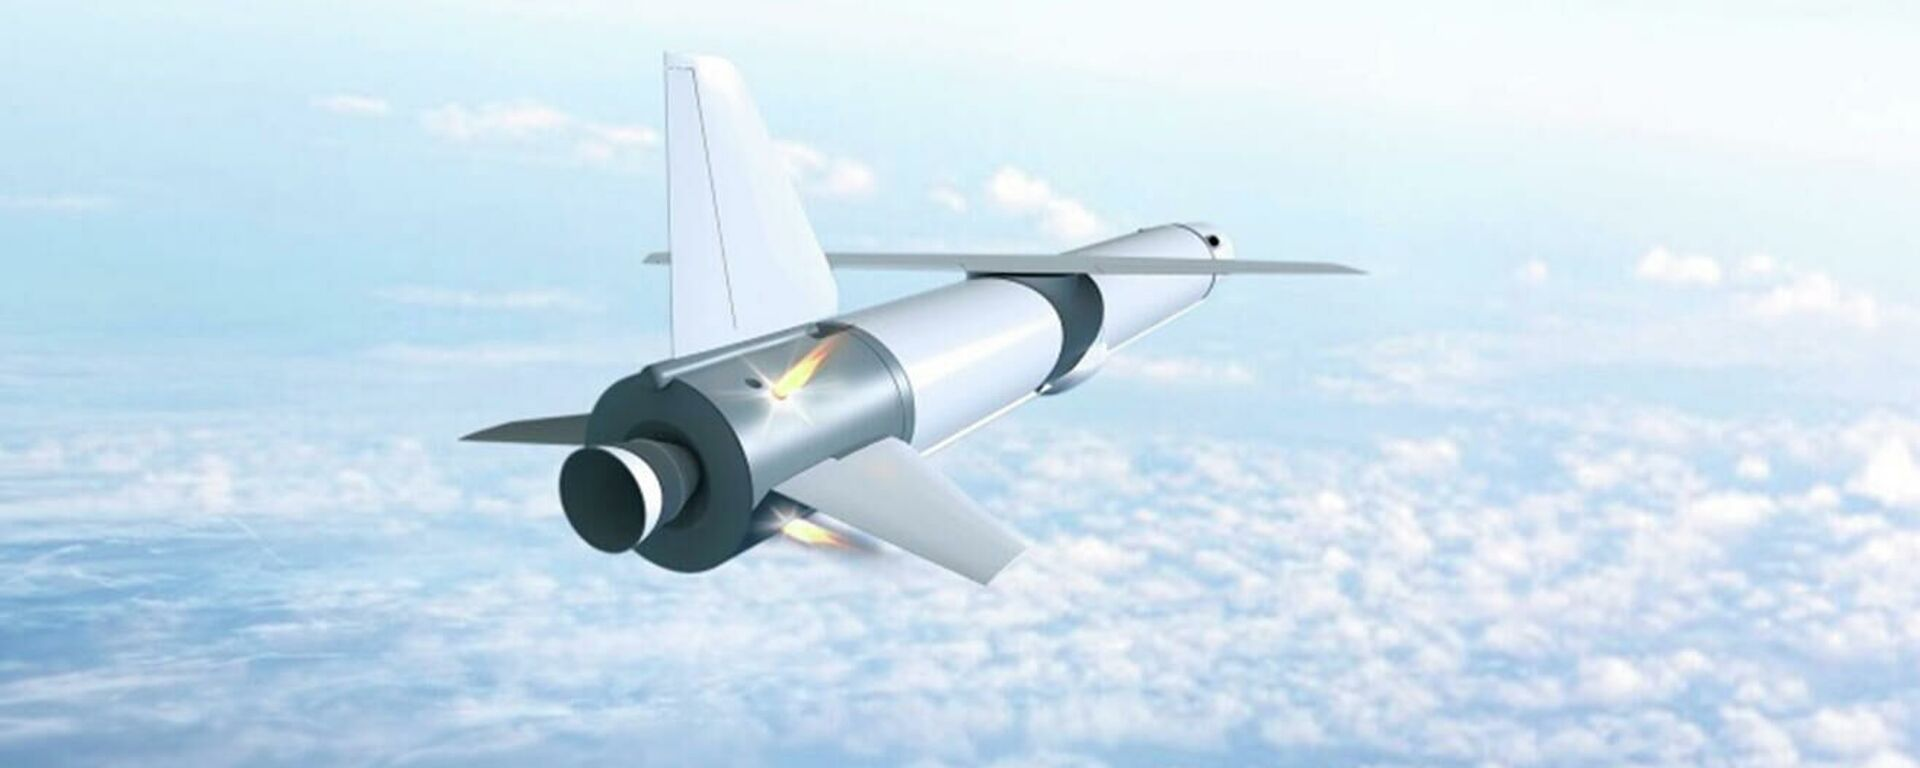 Mô hình của tên lửa mang tái sử dụng hạng nhẹ Krylo-SV - Sputnik Việt Nam, 1920, 24.07.2020